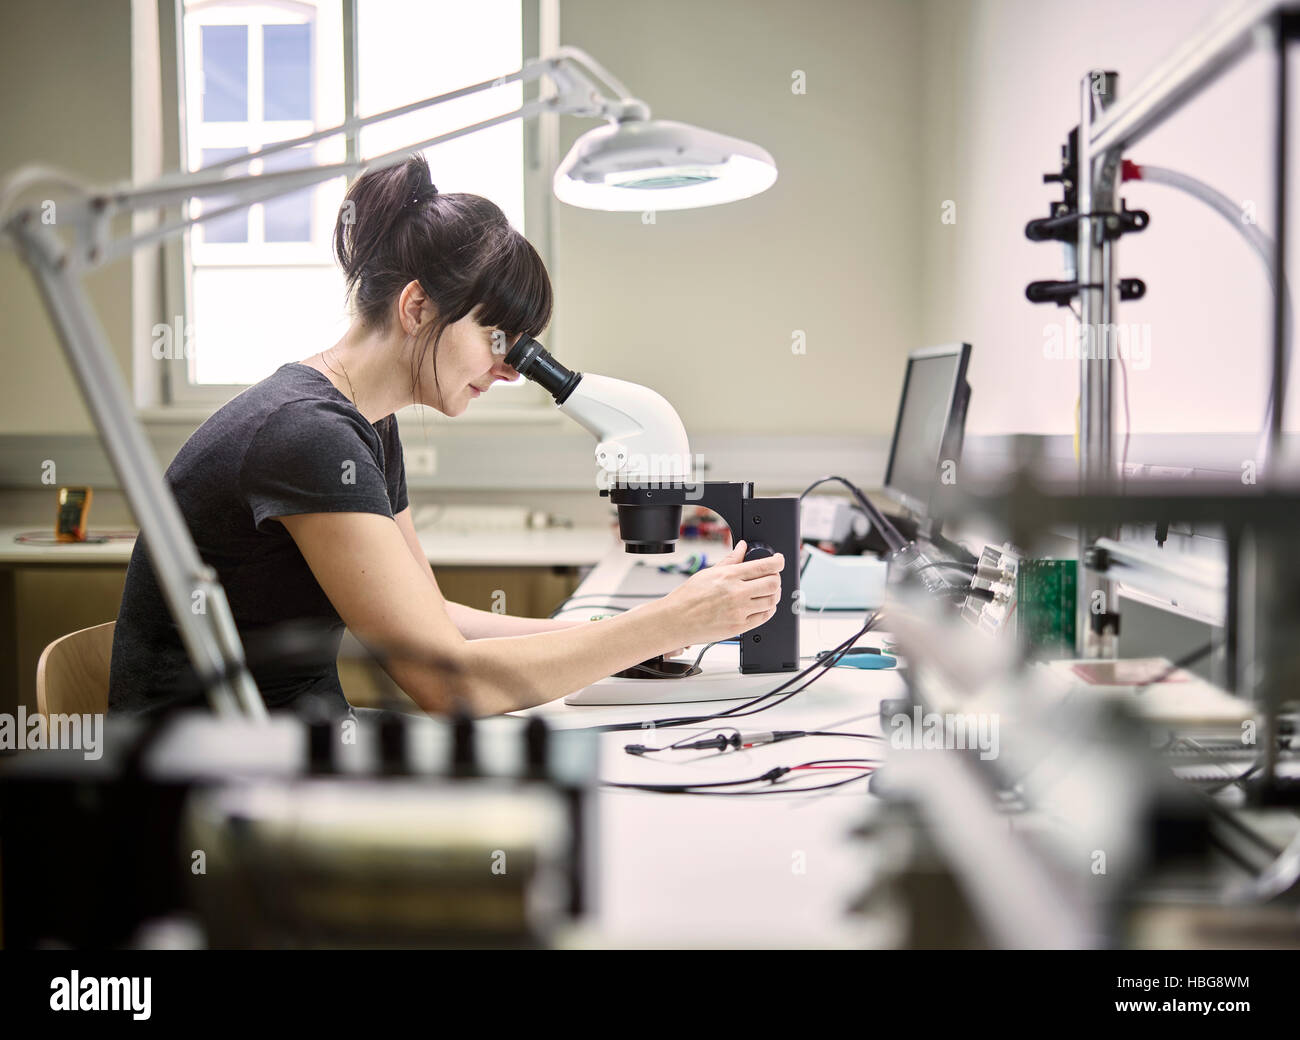 Technicien, jeune femme à l'aide de microscope électronique Photo Stock